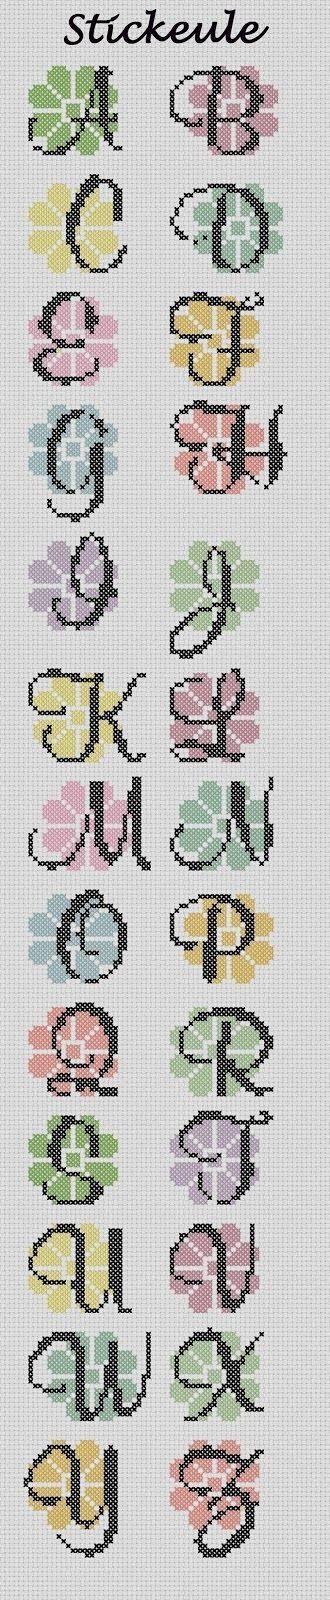 5c36d135a012f57549218ad4db9de369.jpg 330×1,600 pixels